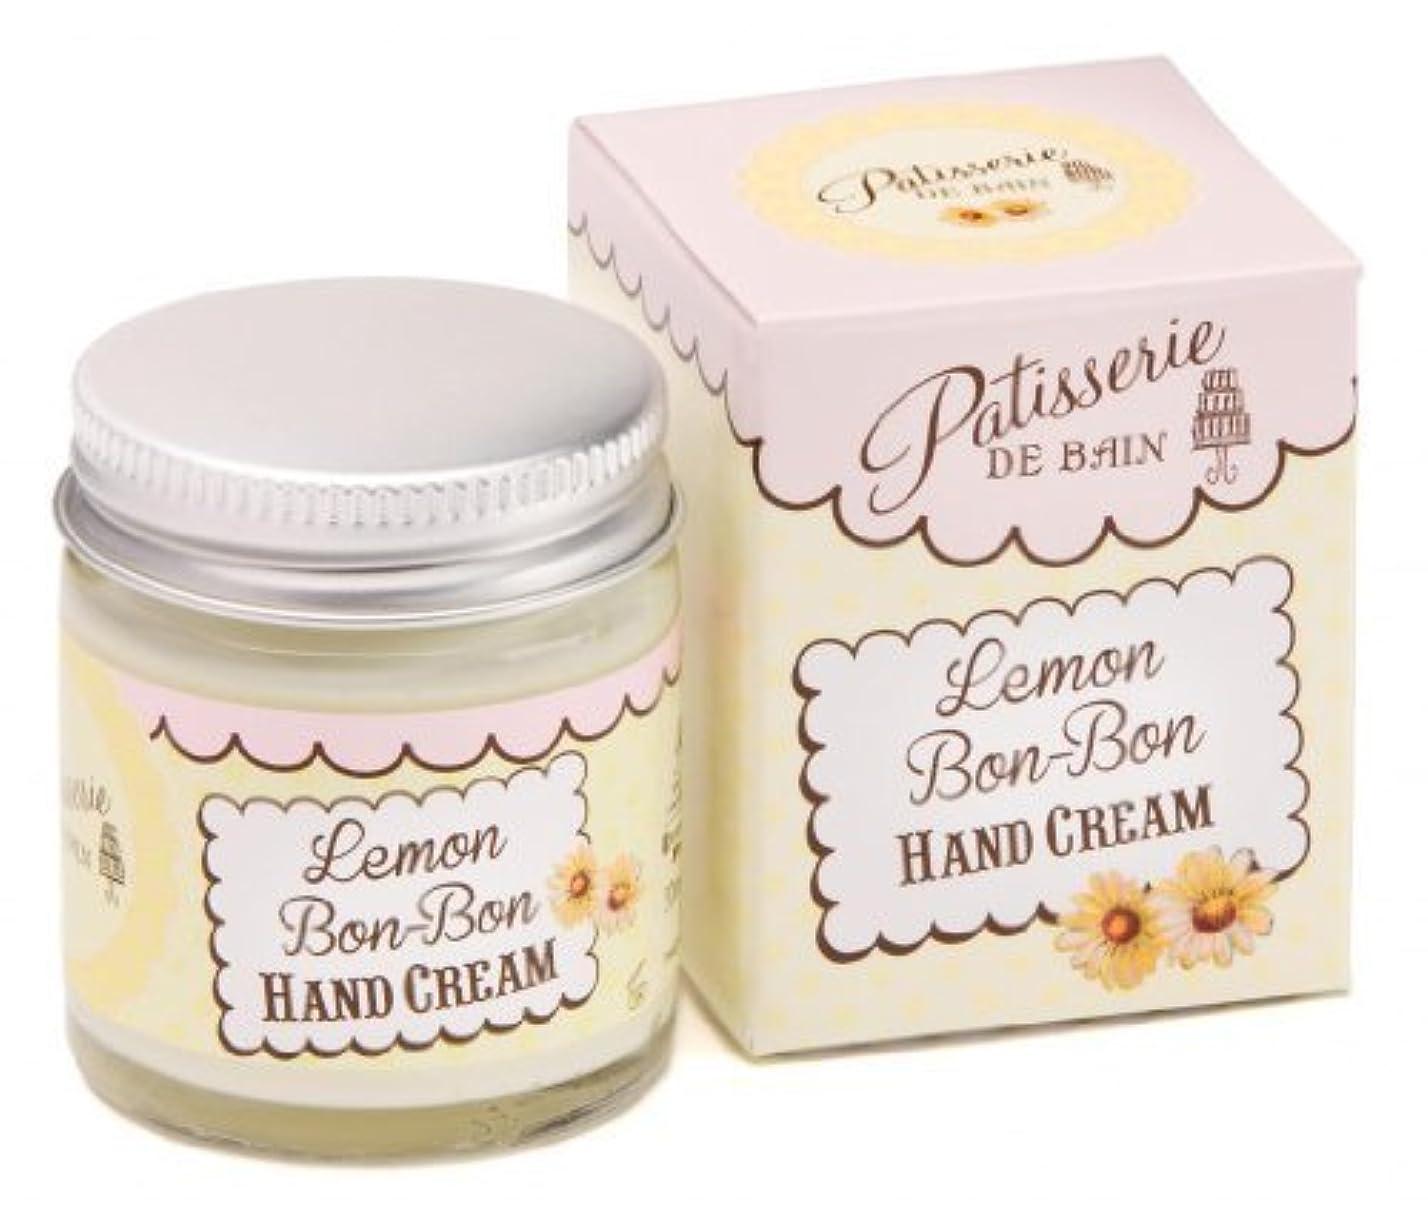 欲望ロケット重要なRose & Co Patisserie de Bain Lemon Bon Bon Hand Cream in Jar 30 ml by Grafton International Ltd